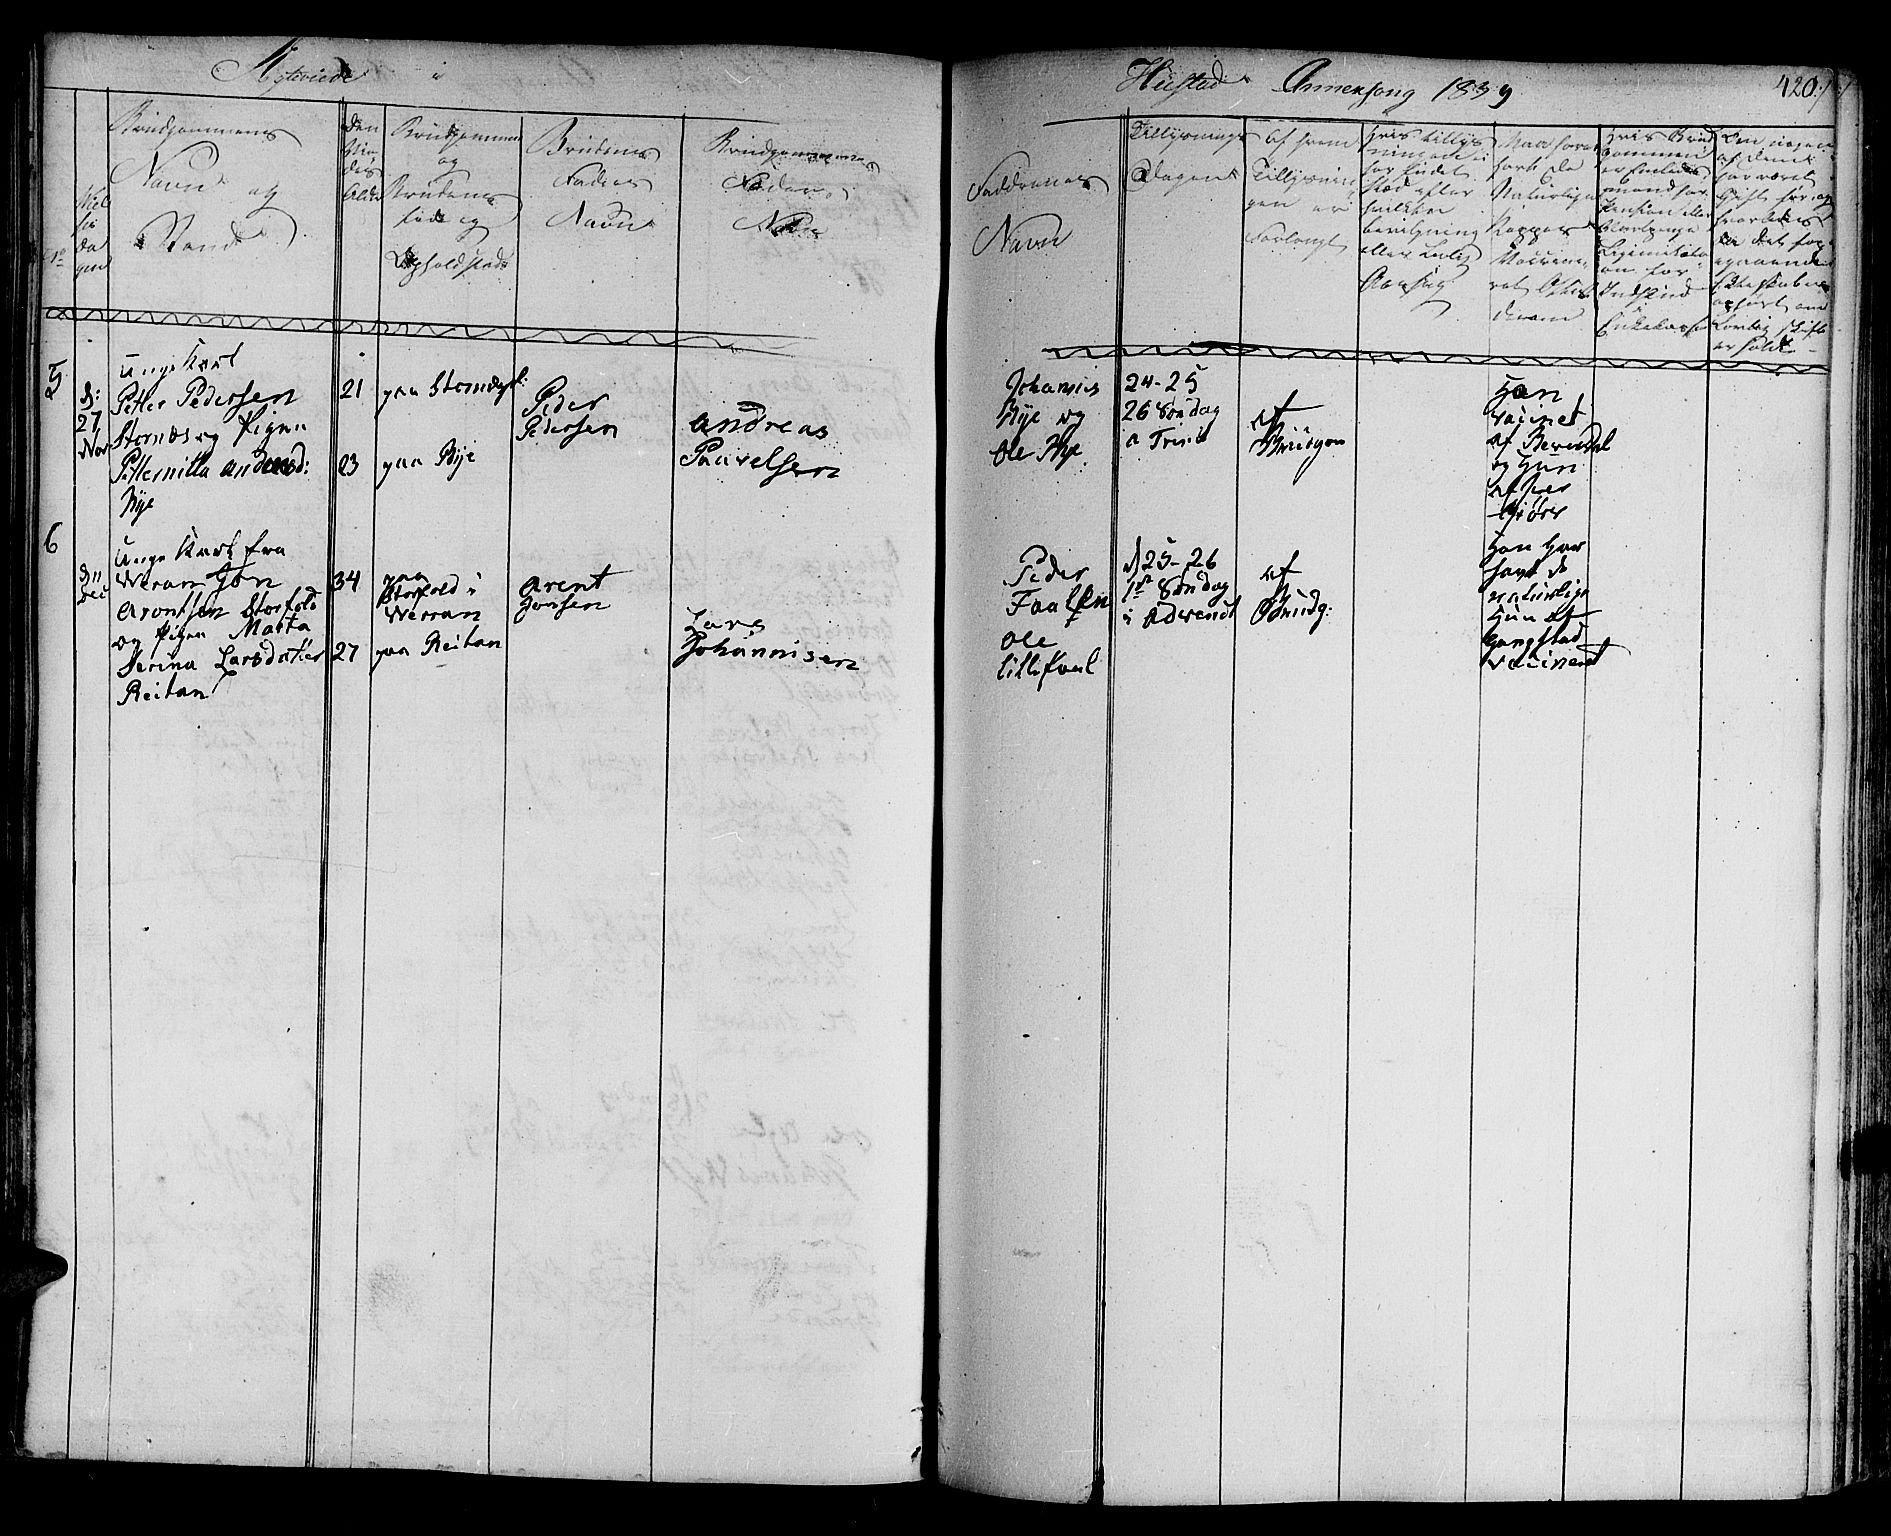 SAT, Ministerialprotokoller, klokkerbøker og fødselsregistre - Nord-Trøndelag, 730/L0277: Ministerialbok nr. 730A06 /3, 1830-1839, s. 420